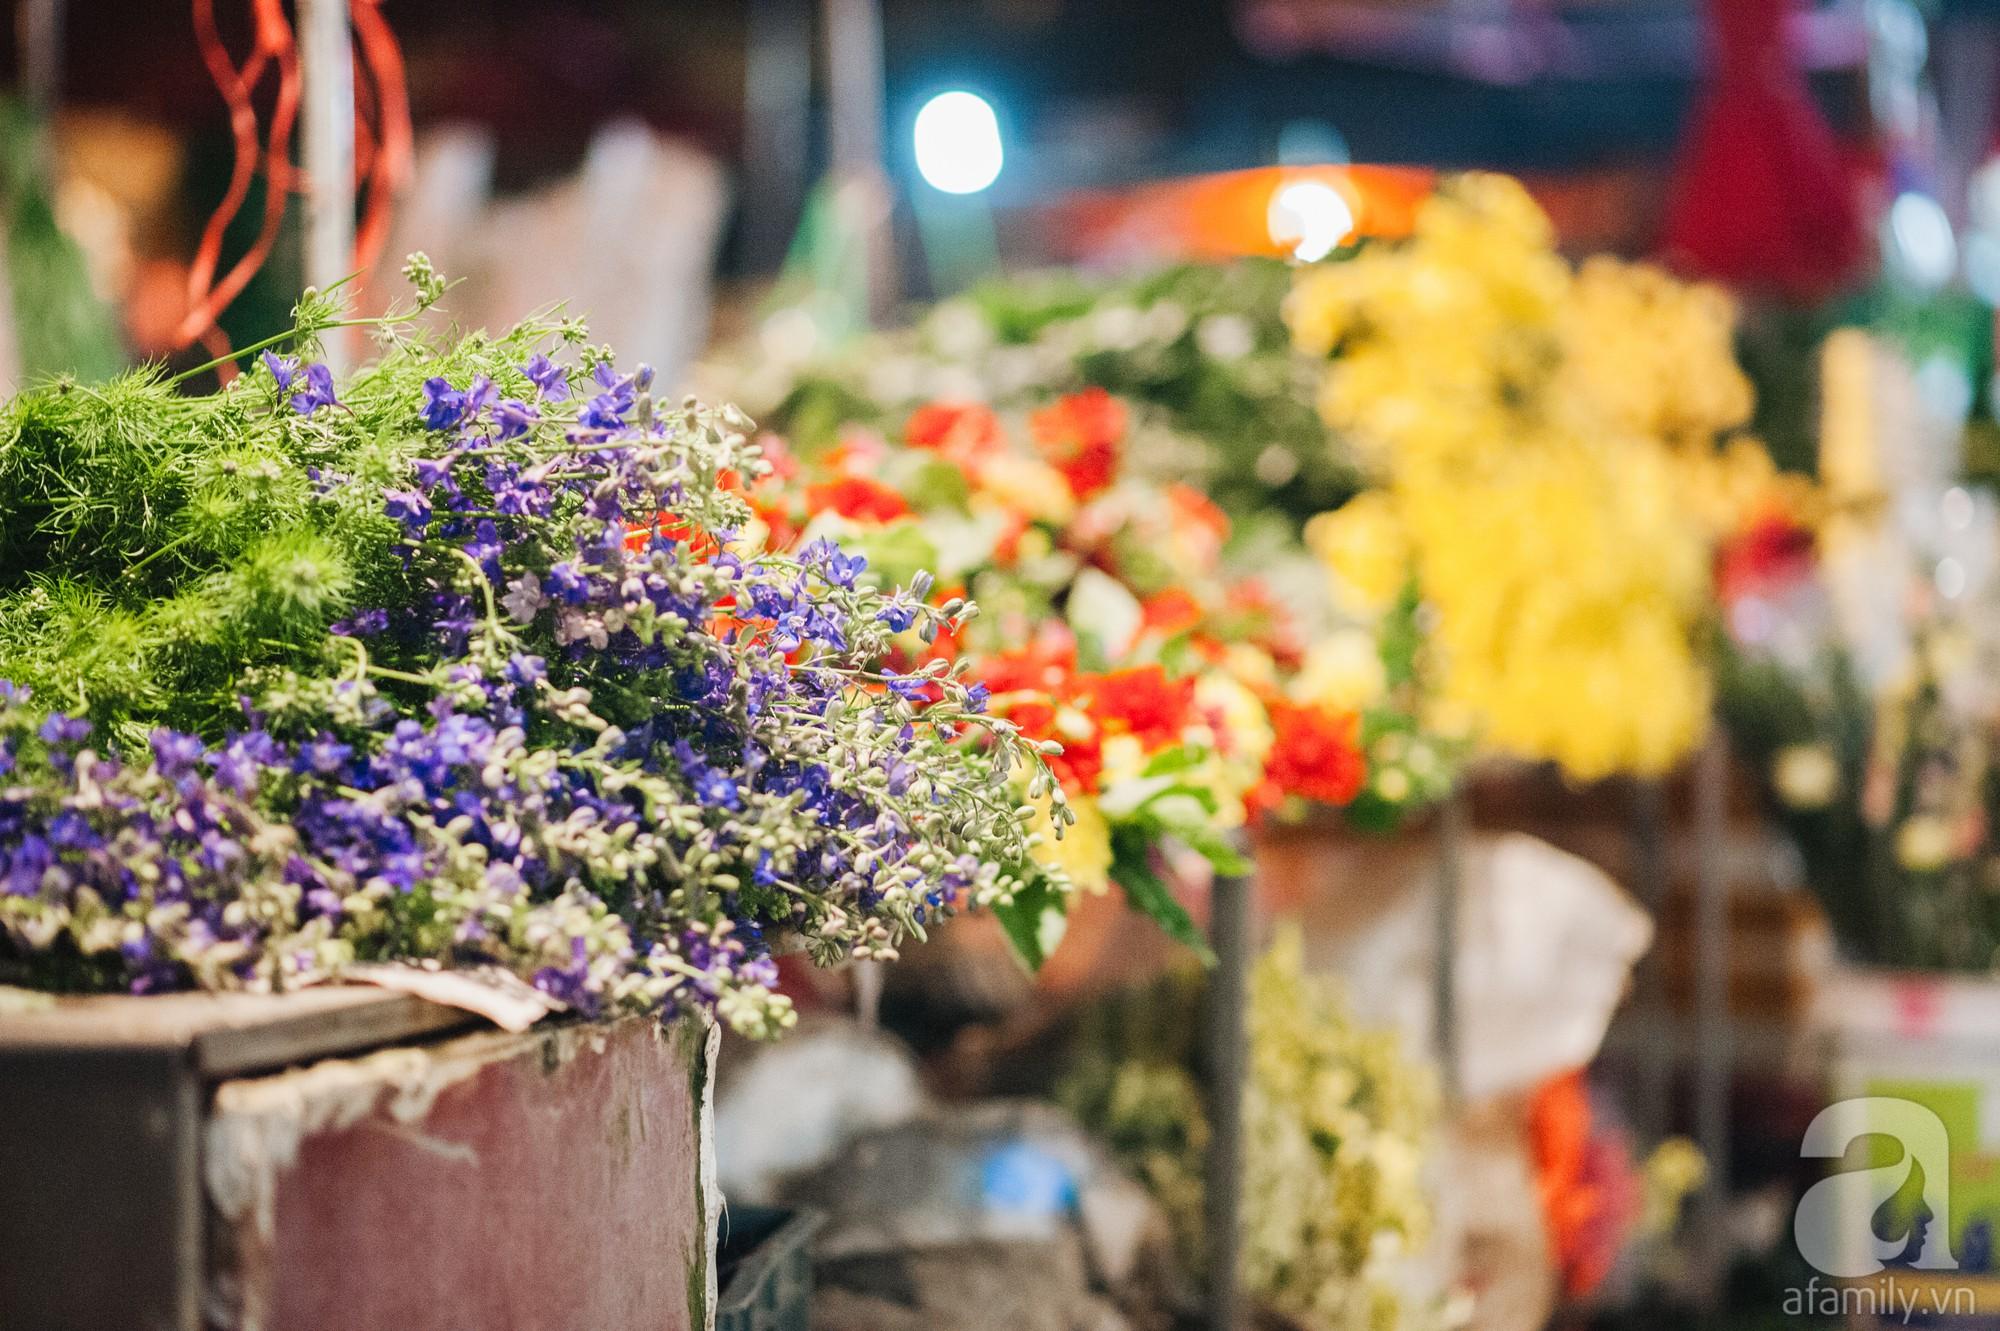 6 loại hoa cổ truyền chưa bao giờ hết hot mỗi độ Tết đến, xuân